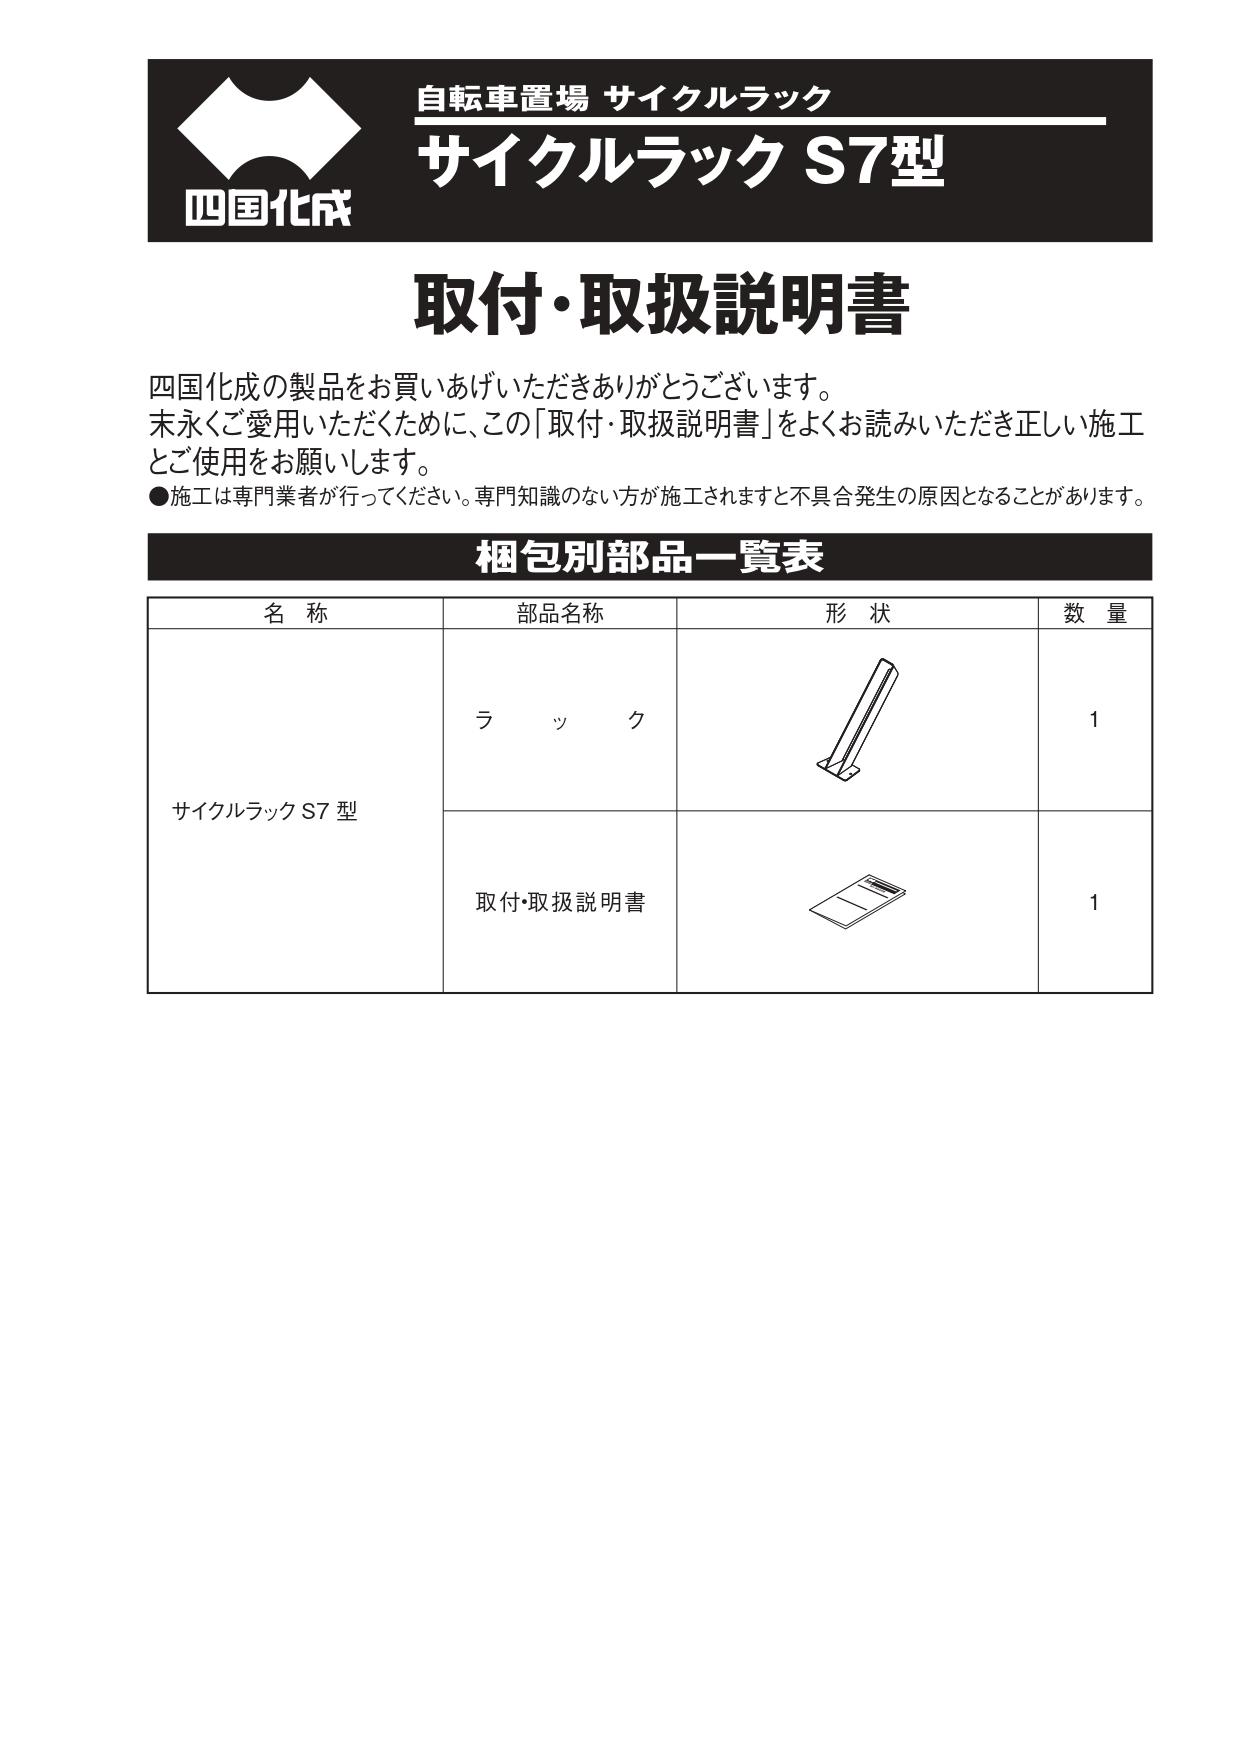 サイクルラックS7型 施工説明書_page-0001